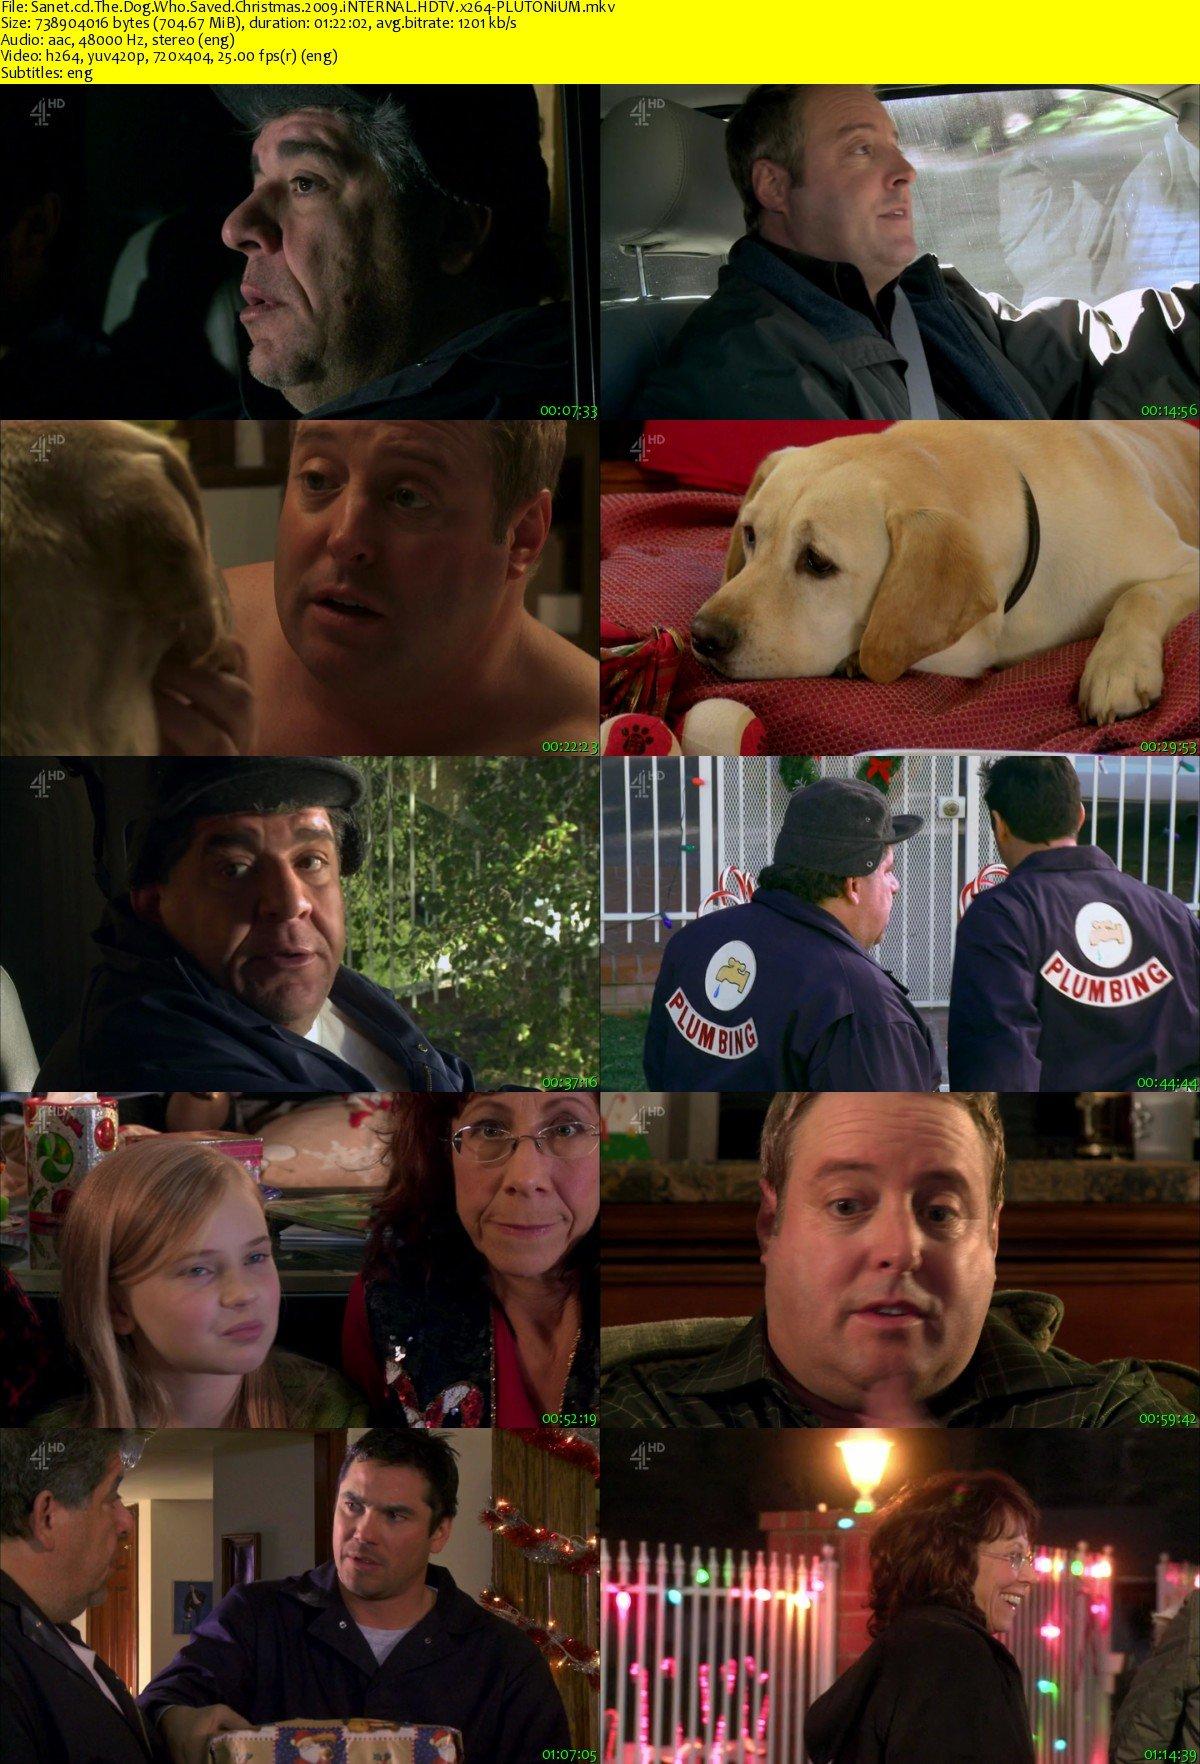 The Dog Who Saved Christmas.Download The Dog Who Saved Christmas 2009 Internal Hdtv X264